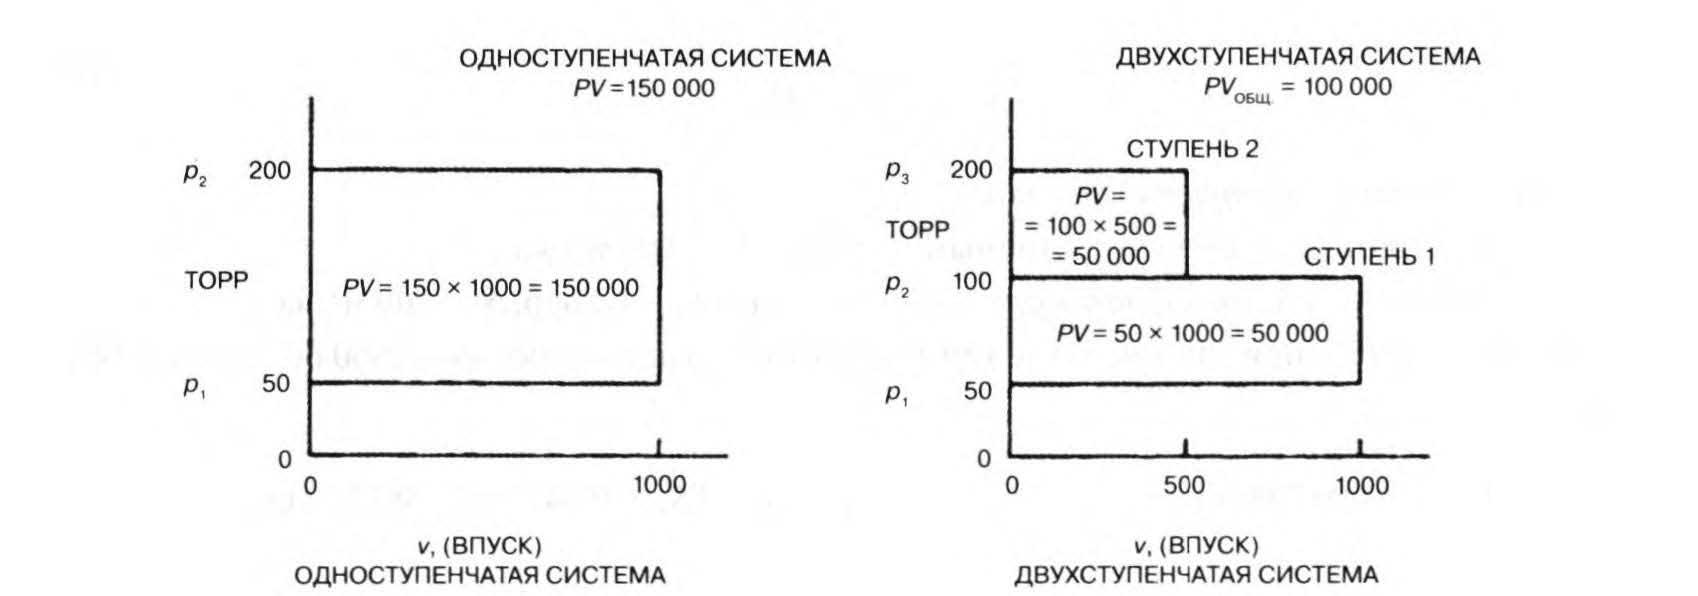 сравнение мощности одно и двухступенчатой систем